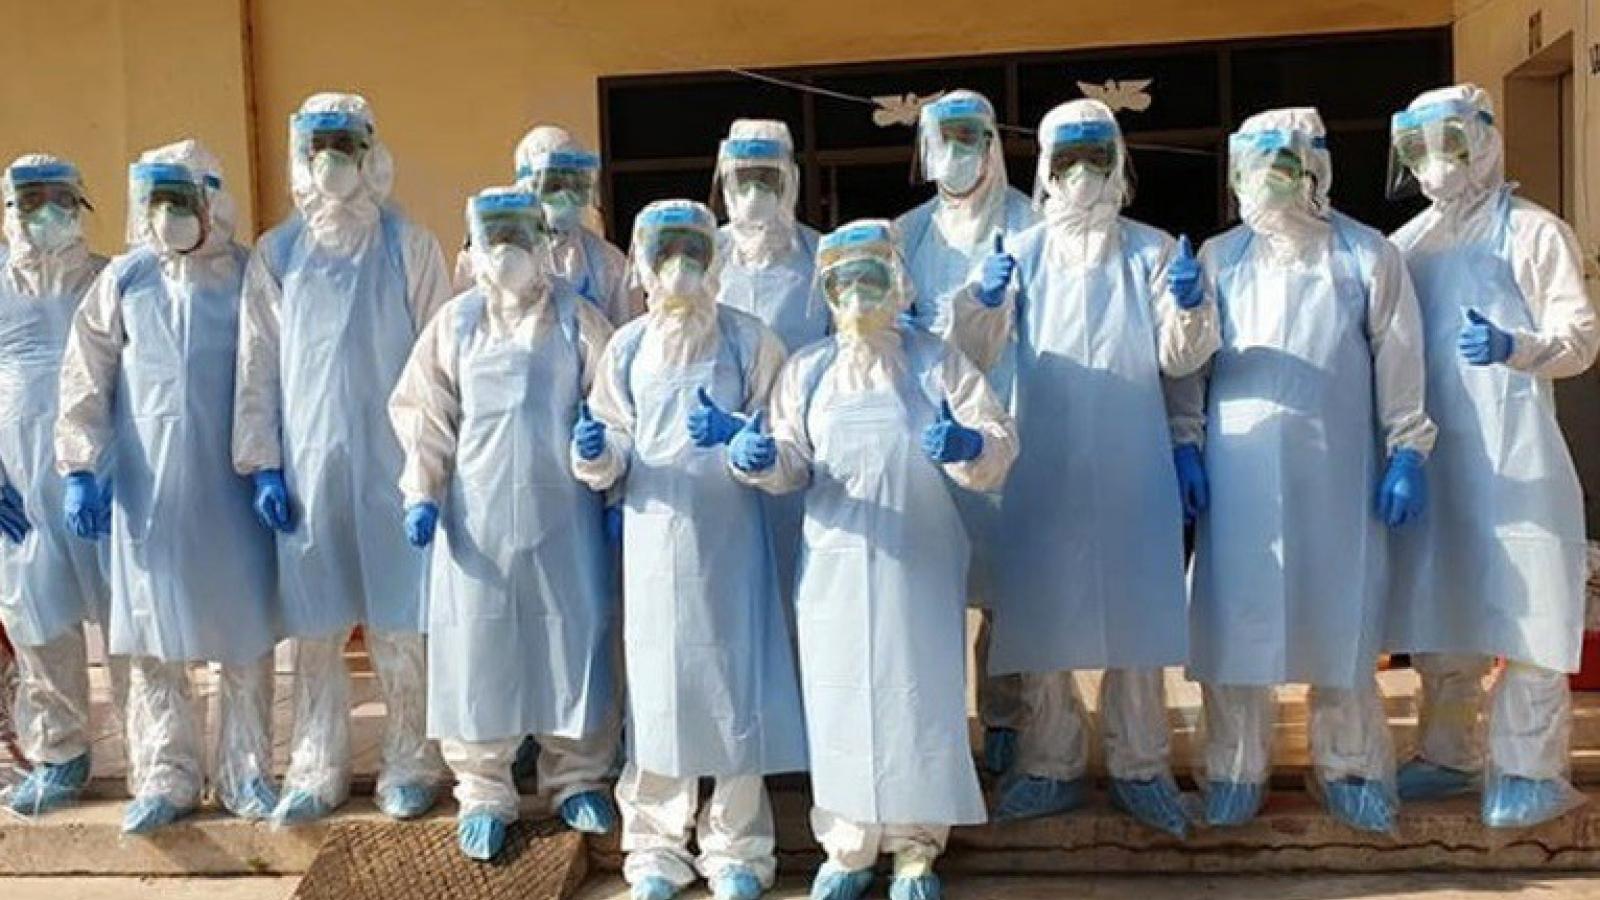 Campuchia còn duy nhất một bệnh nhân đang điều trị Covid-19